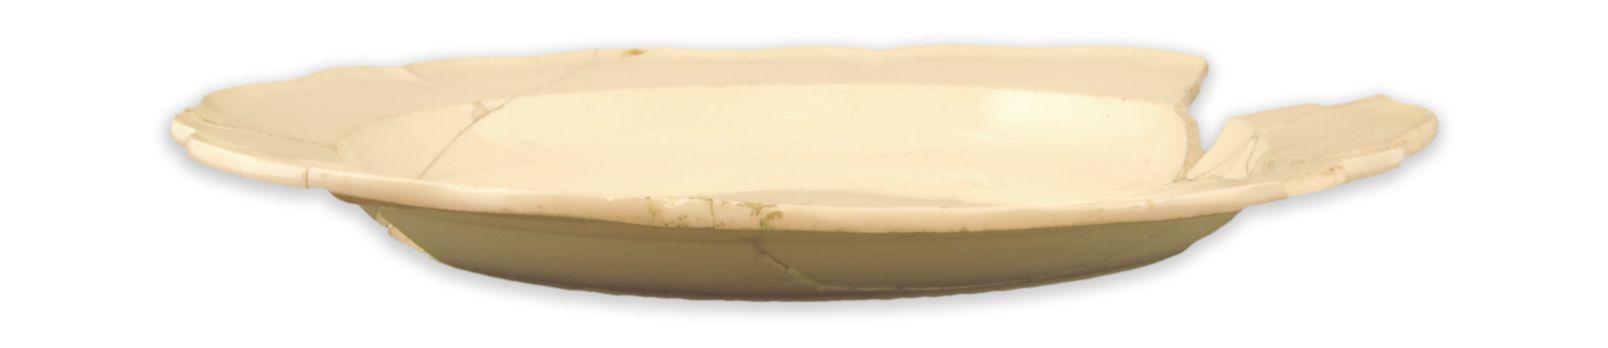 AssietteMCC/LRAQ, photo : Catherine CaronLatrines de la maison Guillaume-Estèbe. Vers 1753-1800Terre cuite fine de type creamware à décor royal, Angleterre. Dans la seconde moitié du 18e siècle, sous l'influence de la nouvelle métropole britannique, les porcelaines d'importation chinoise côtoient de nouvelles vaisselles de terre cuite finesur les tables bourgeoises de Place-Royale : la mode est désormais au creamware.Dès 1765, les navires anglais acheminent vers le port de Québec ces vaisselles produites en série grâce au procédé de moulage. Elles sont ensuite distribuées à Trois-Rivières et à Montréal.